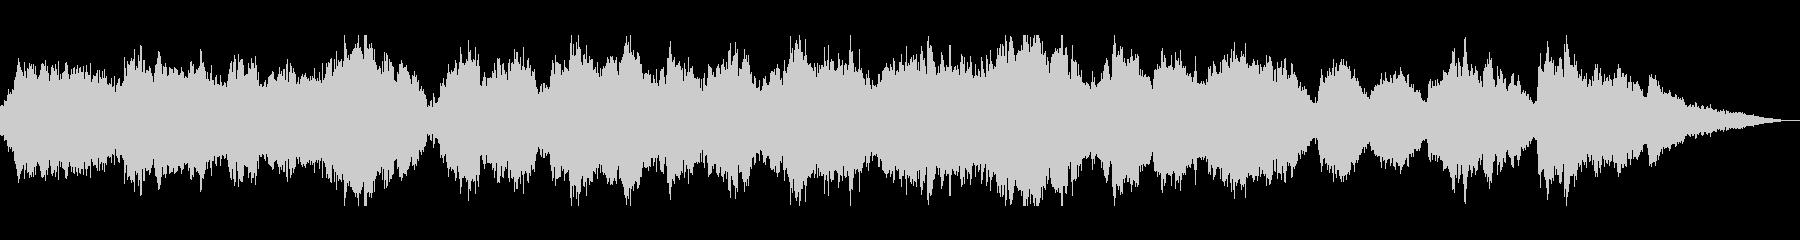 しっとり切ないオーケストラバラードの未再生の波形